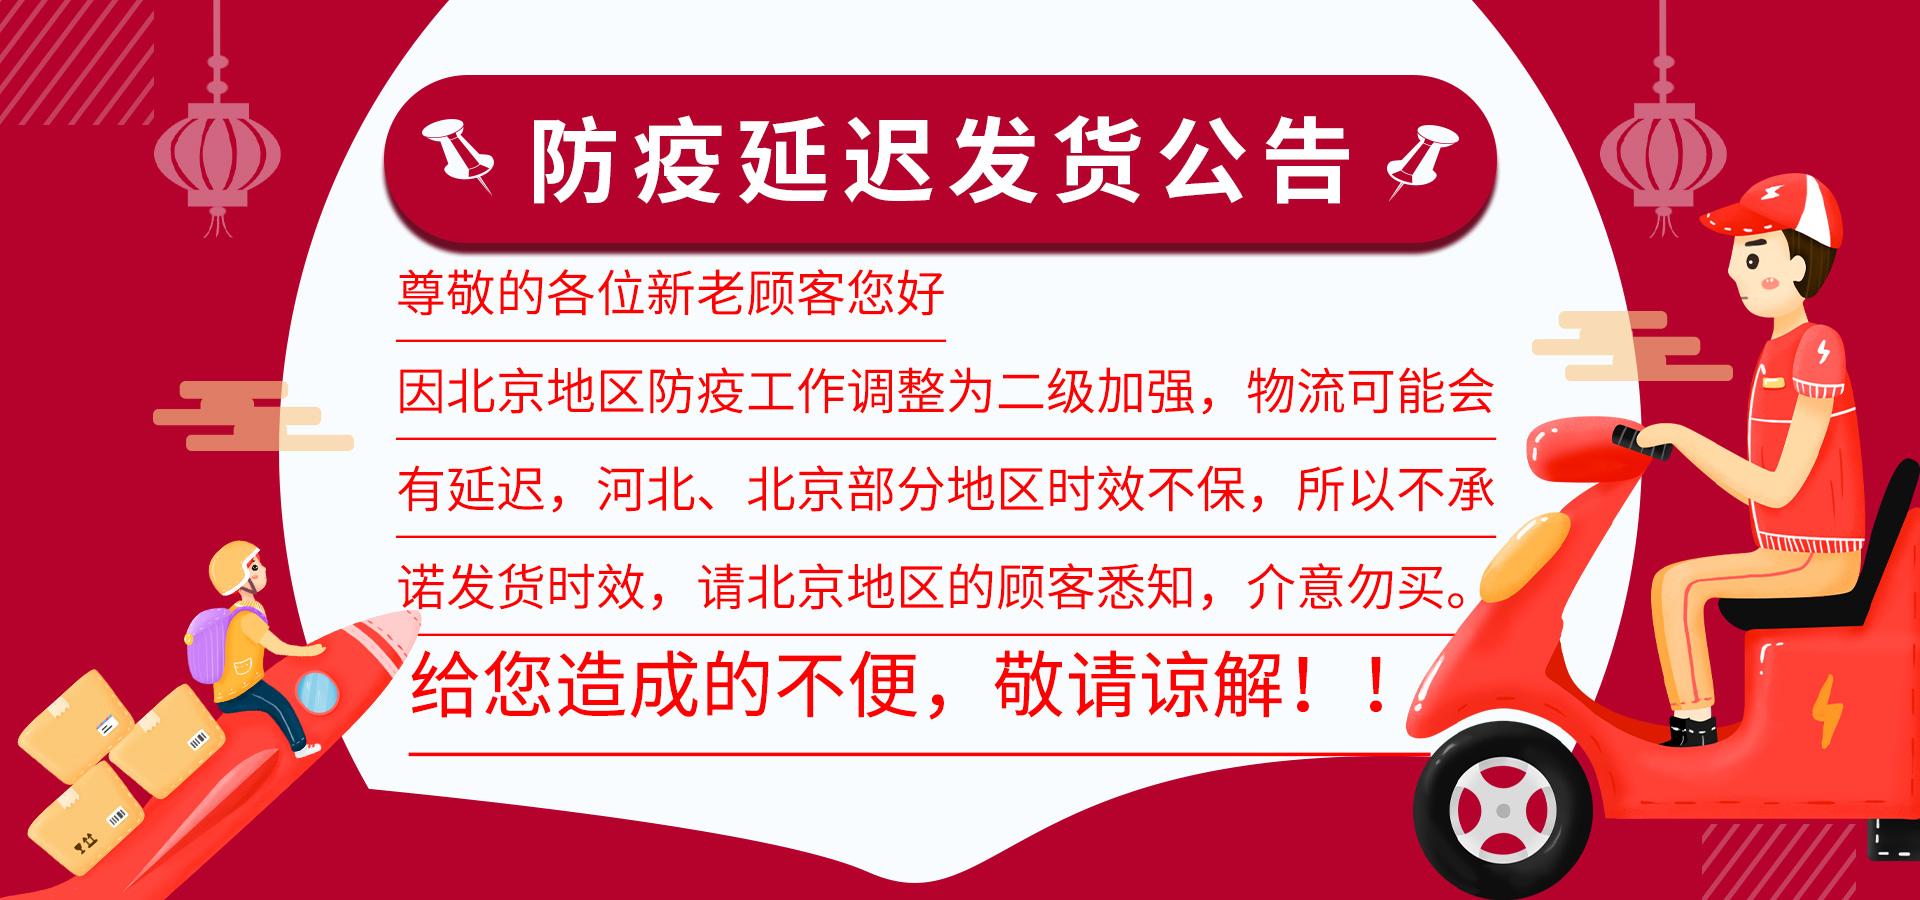 北京疫情二级